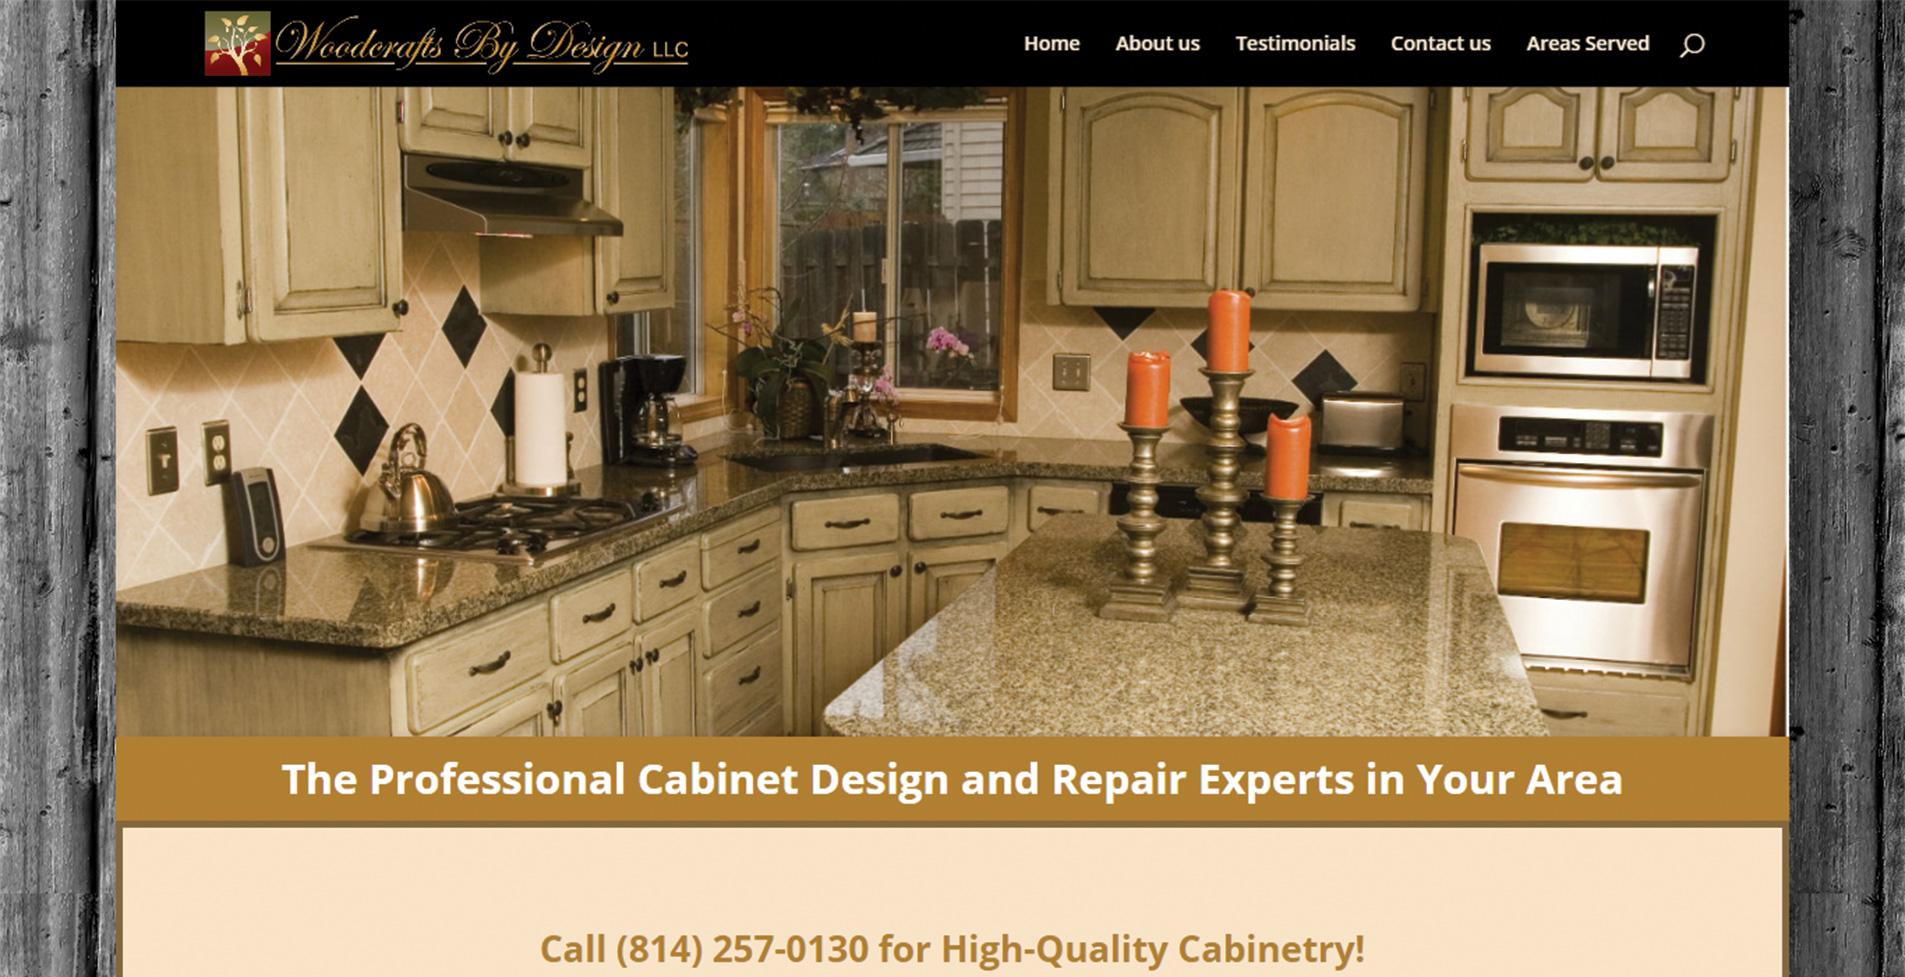 уеб сайт за професионална дърводелска компания